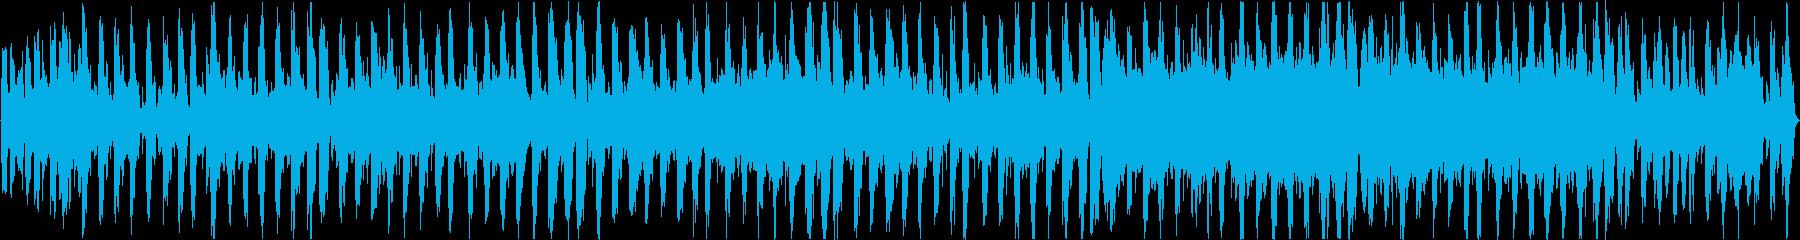 シンセループ音源ネット放送やゲームBGMの再生済みの波形